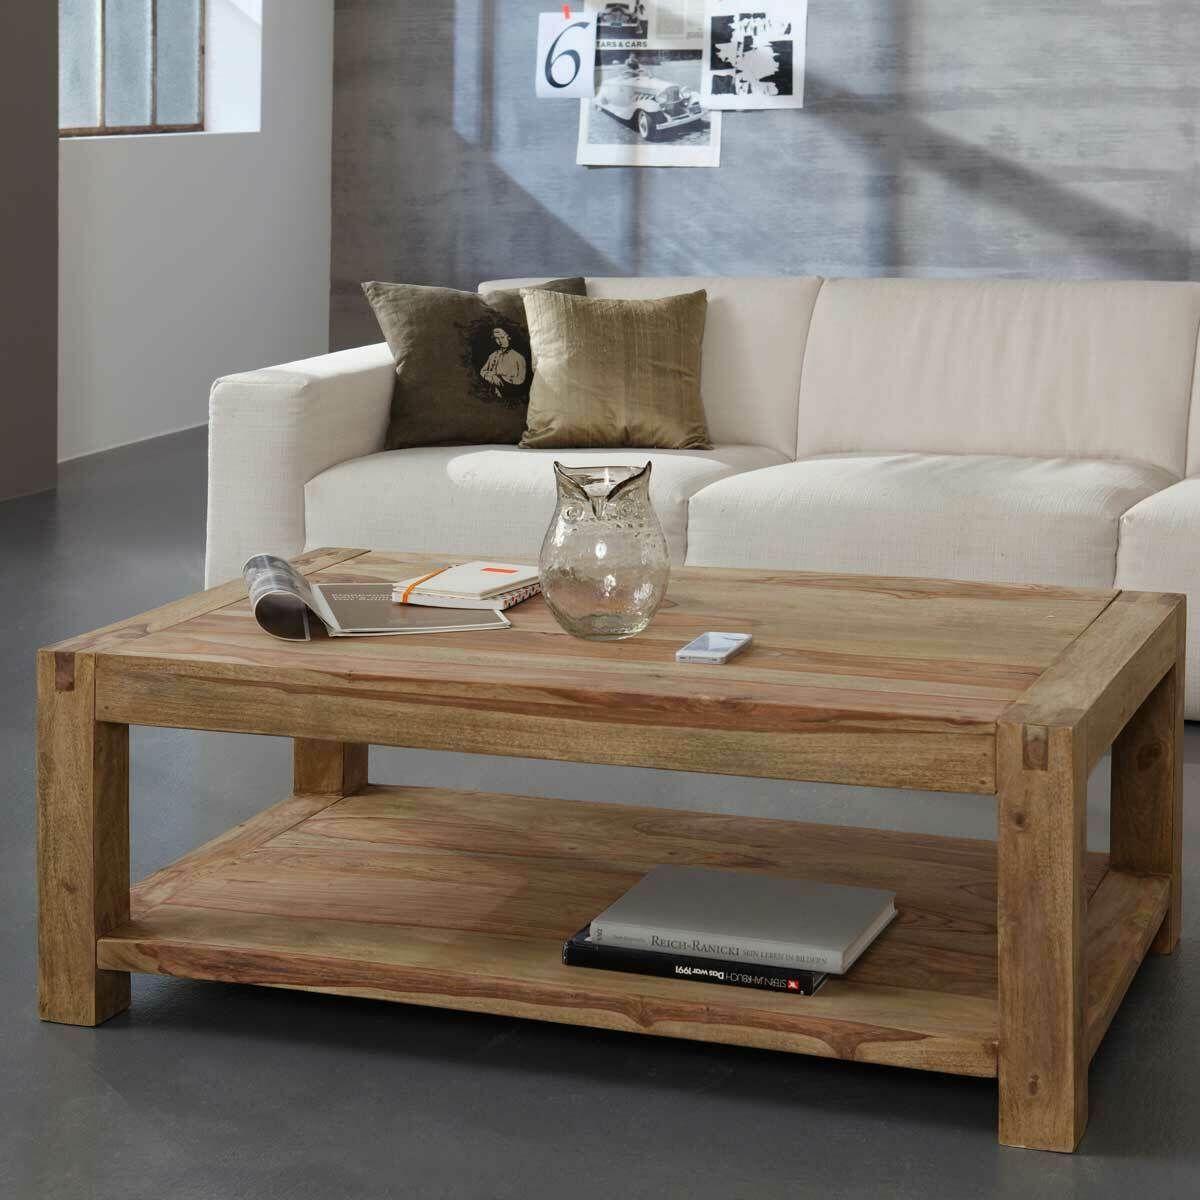 Couchtisch Wohnzimmertisch Holztisch Yoga Sheesham Massiv 120x80 Wolf Möbel Coffee Table Furniture Home Decor